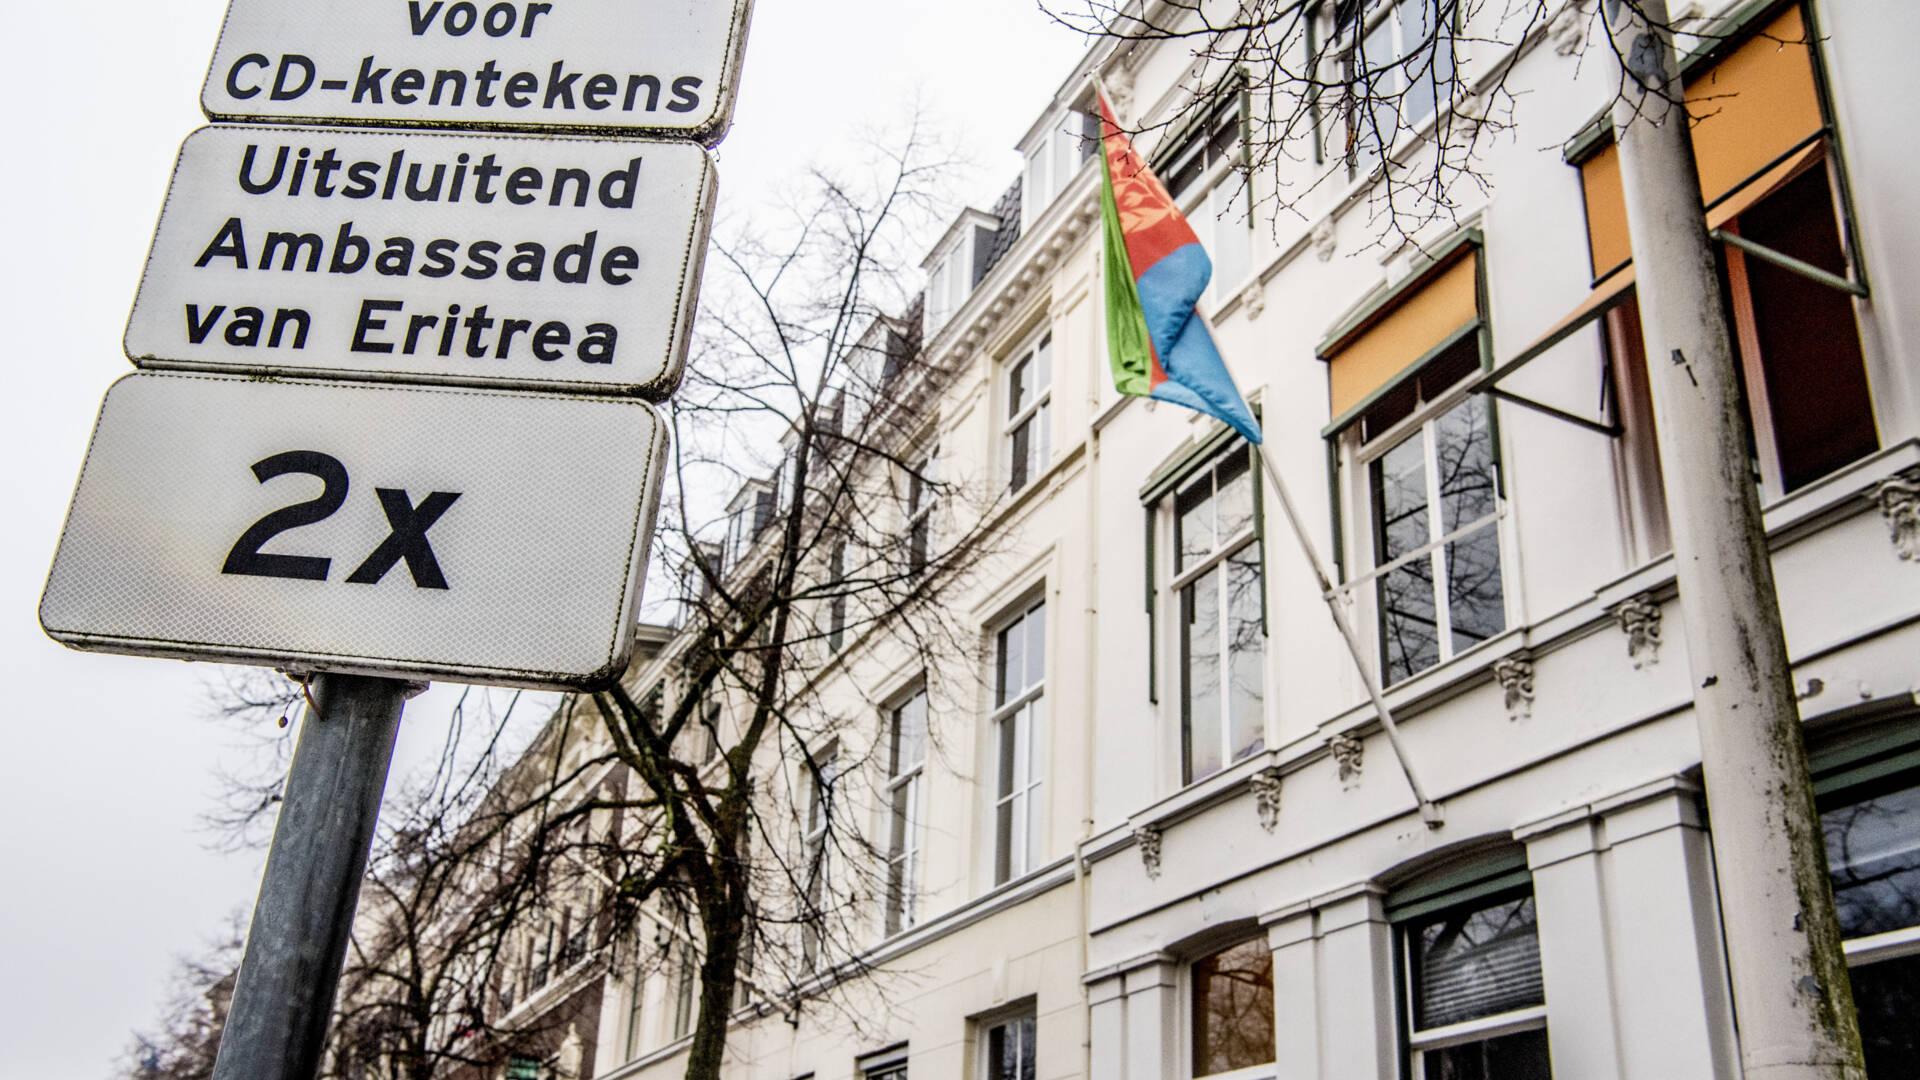 النظام الإرتيري يجمع الأموال مرة أخرى من الإريتريين الموجودين في هولندا